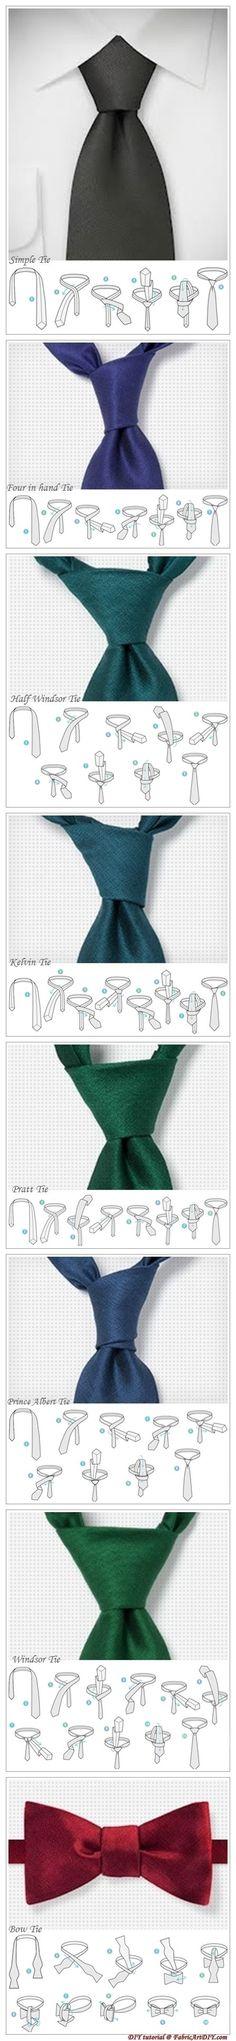 Como dar nó em gravata!